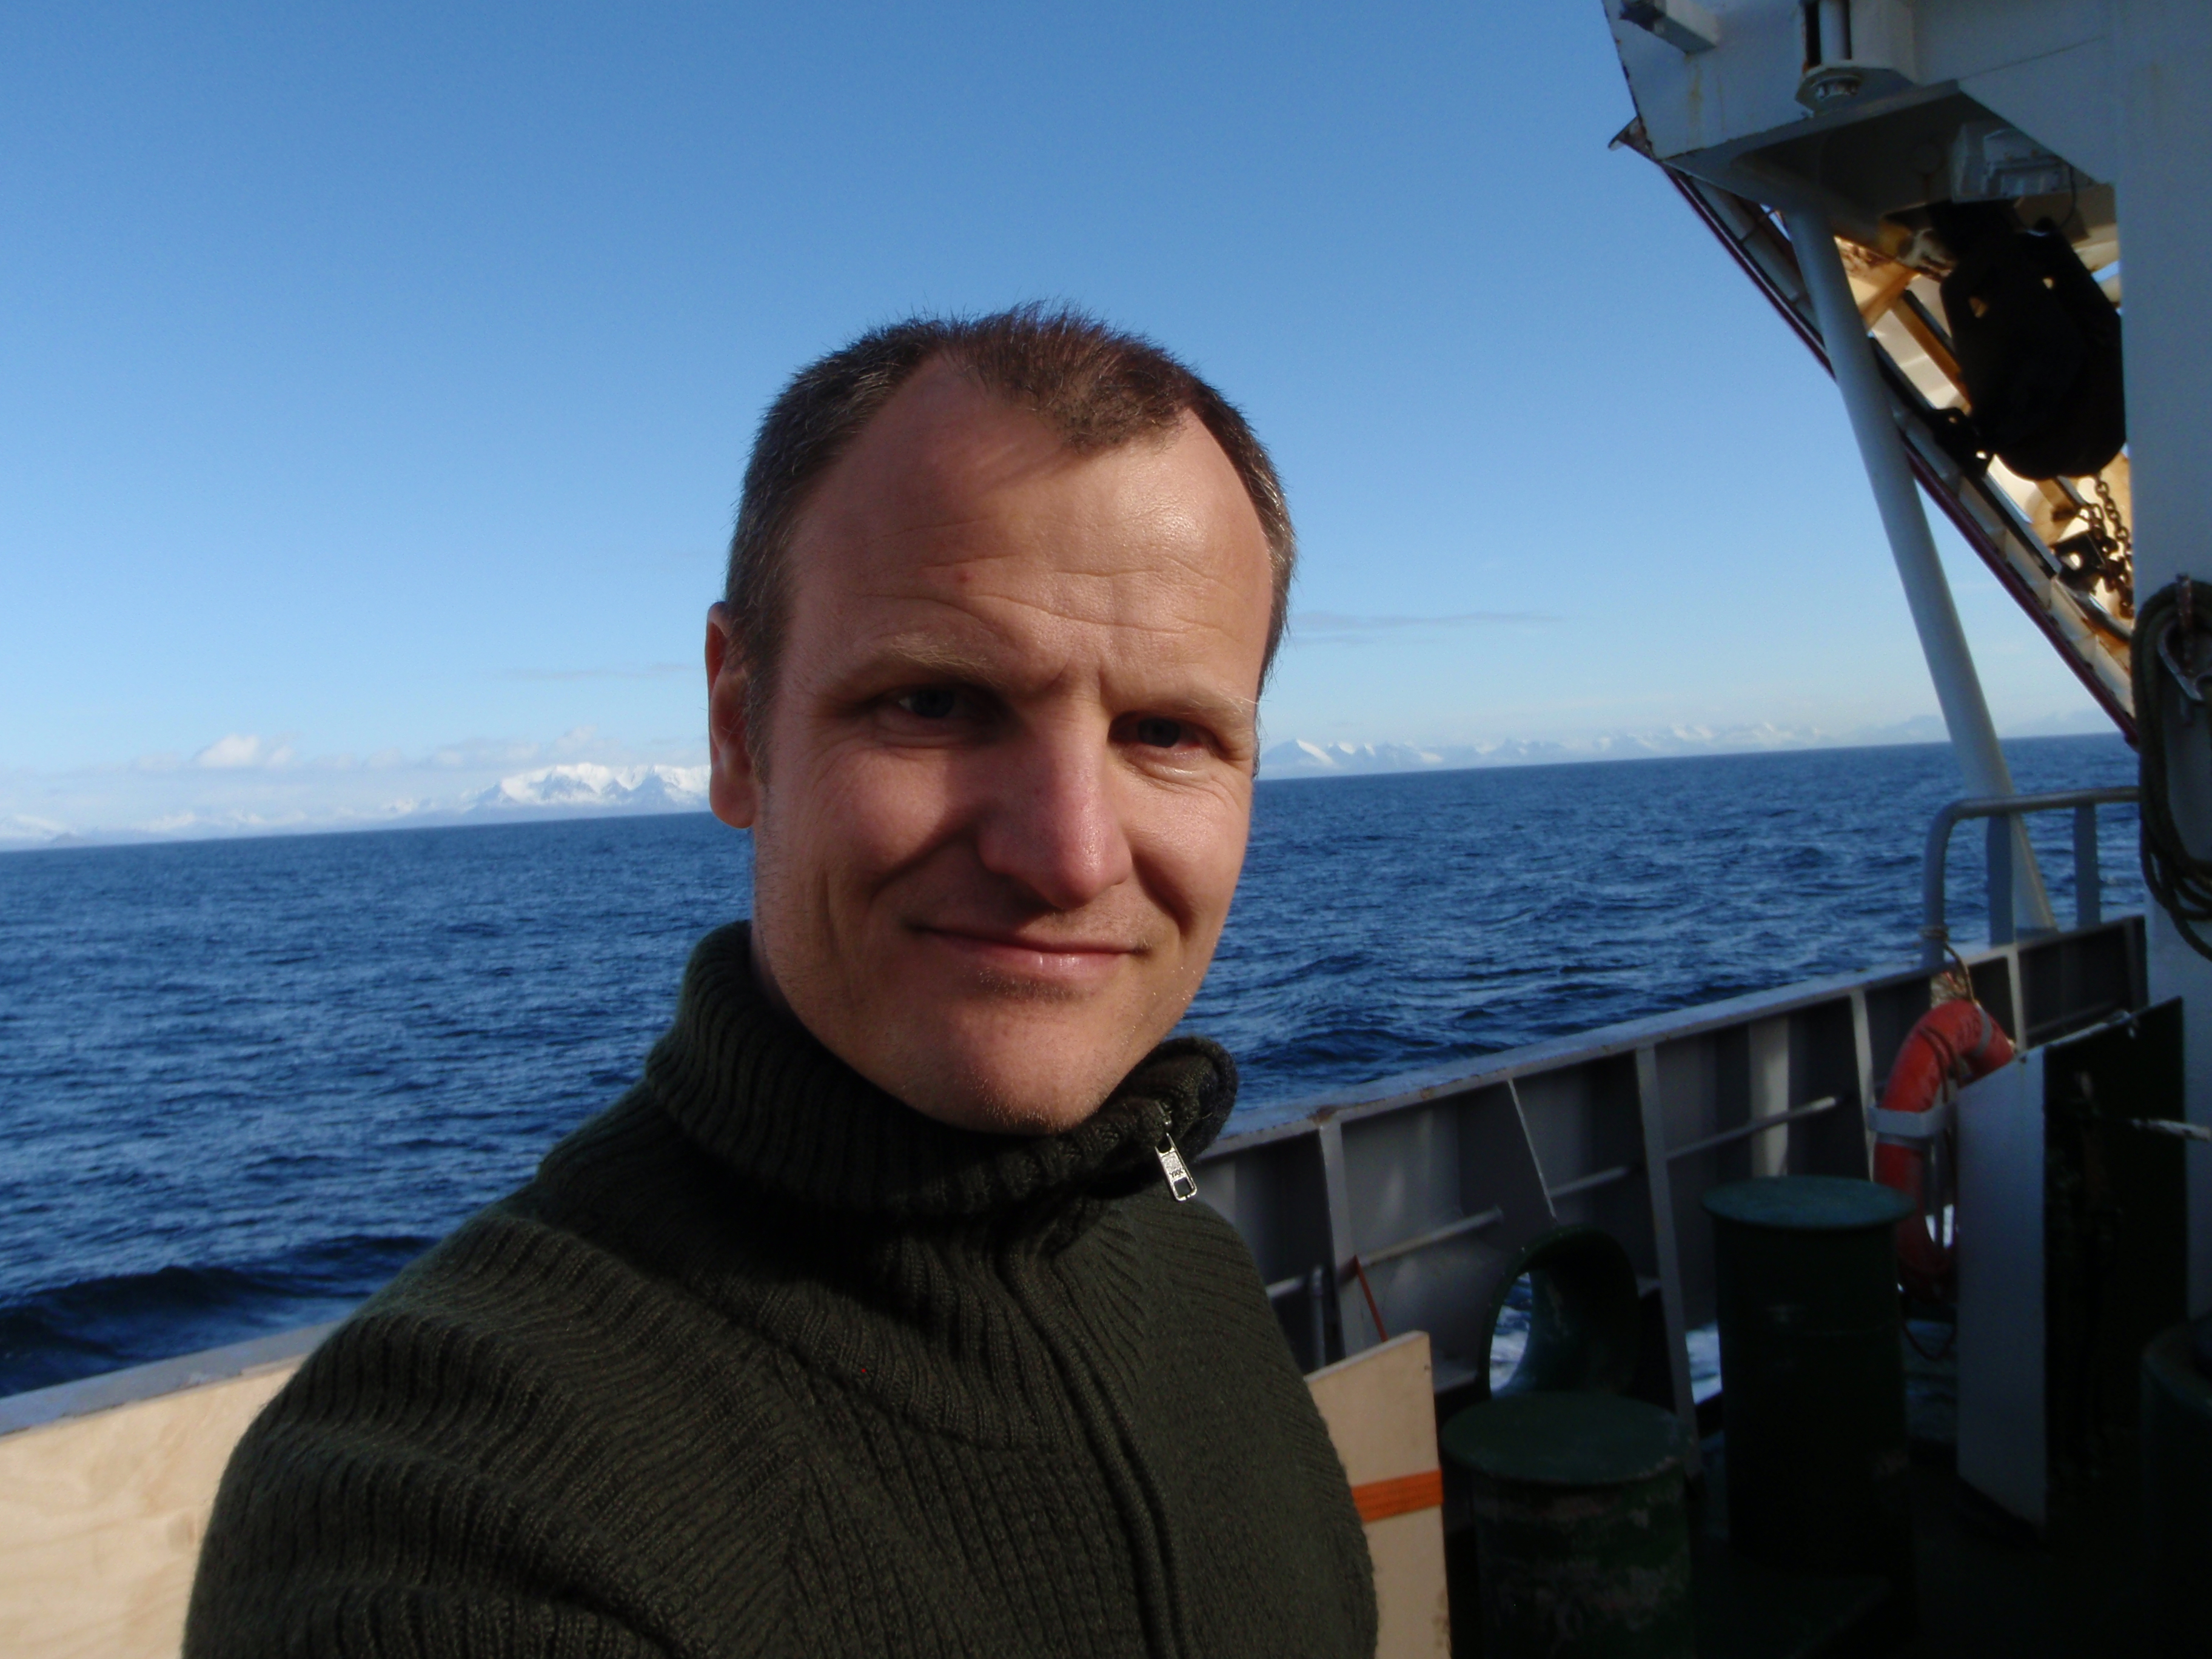 Helge Bryhnis bilde